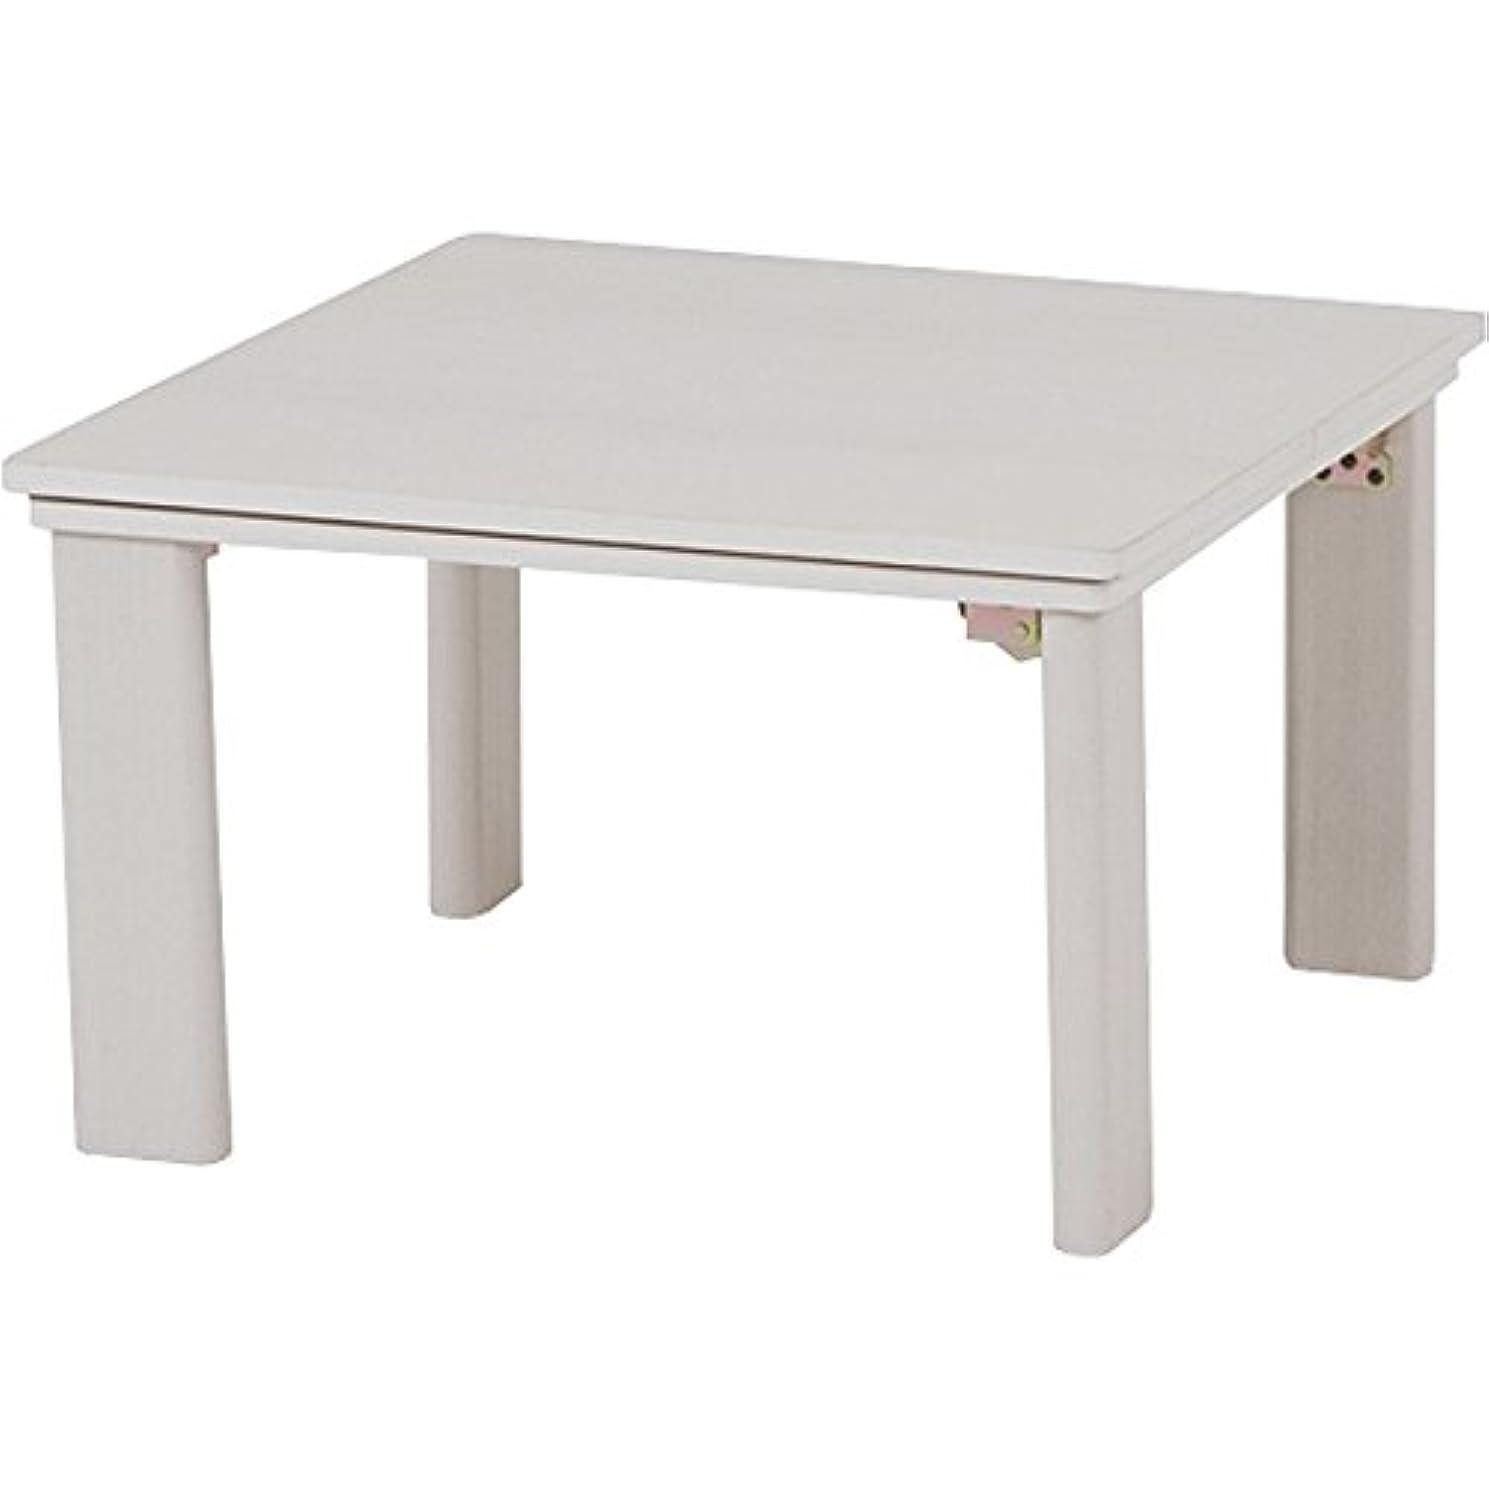 ボーナス弾薬カフェテリアこたつテーブル リバーシブル 折り畳みテーブル 幅60cm 正方形 幅60×奥行60×高さ37cm